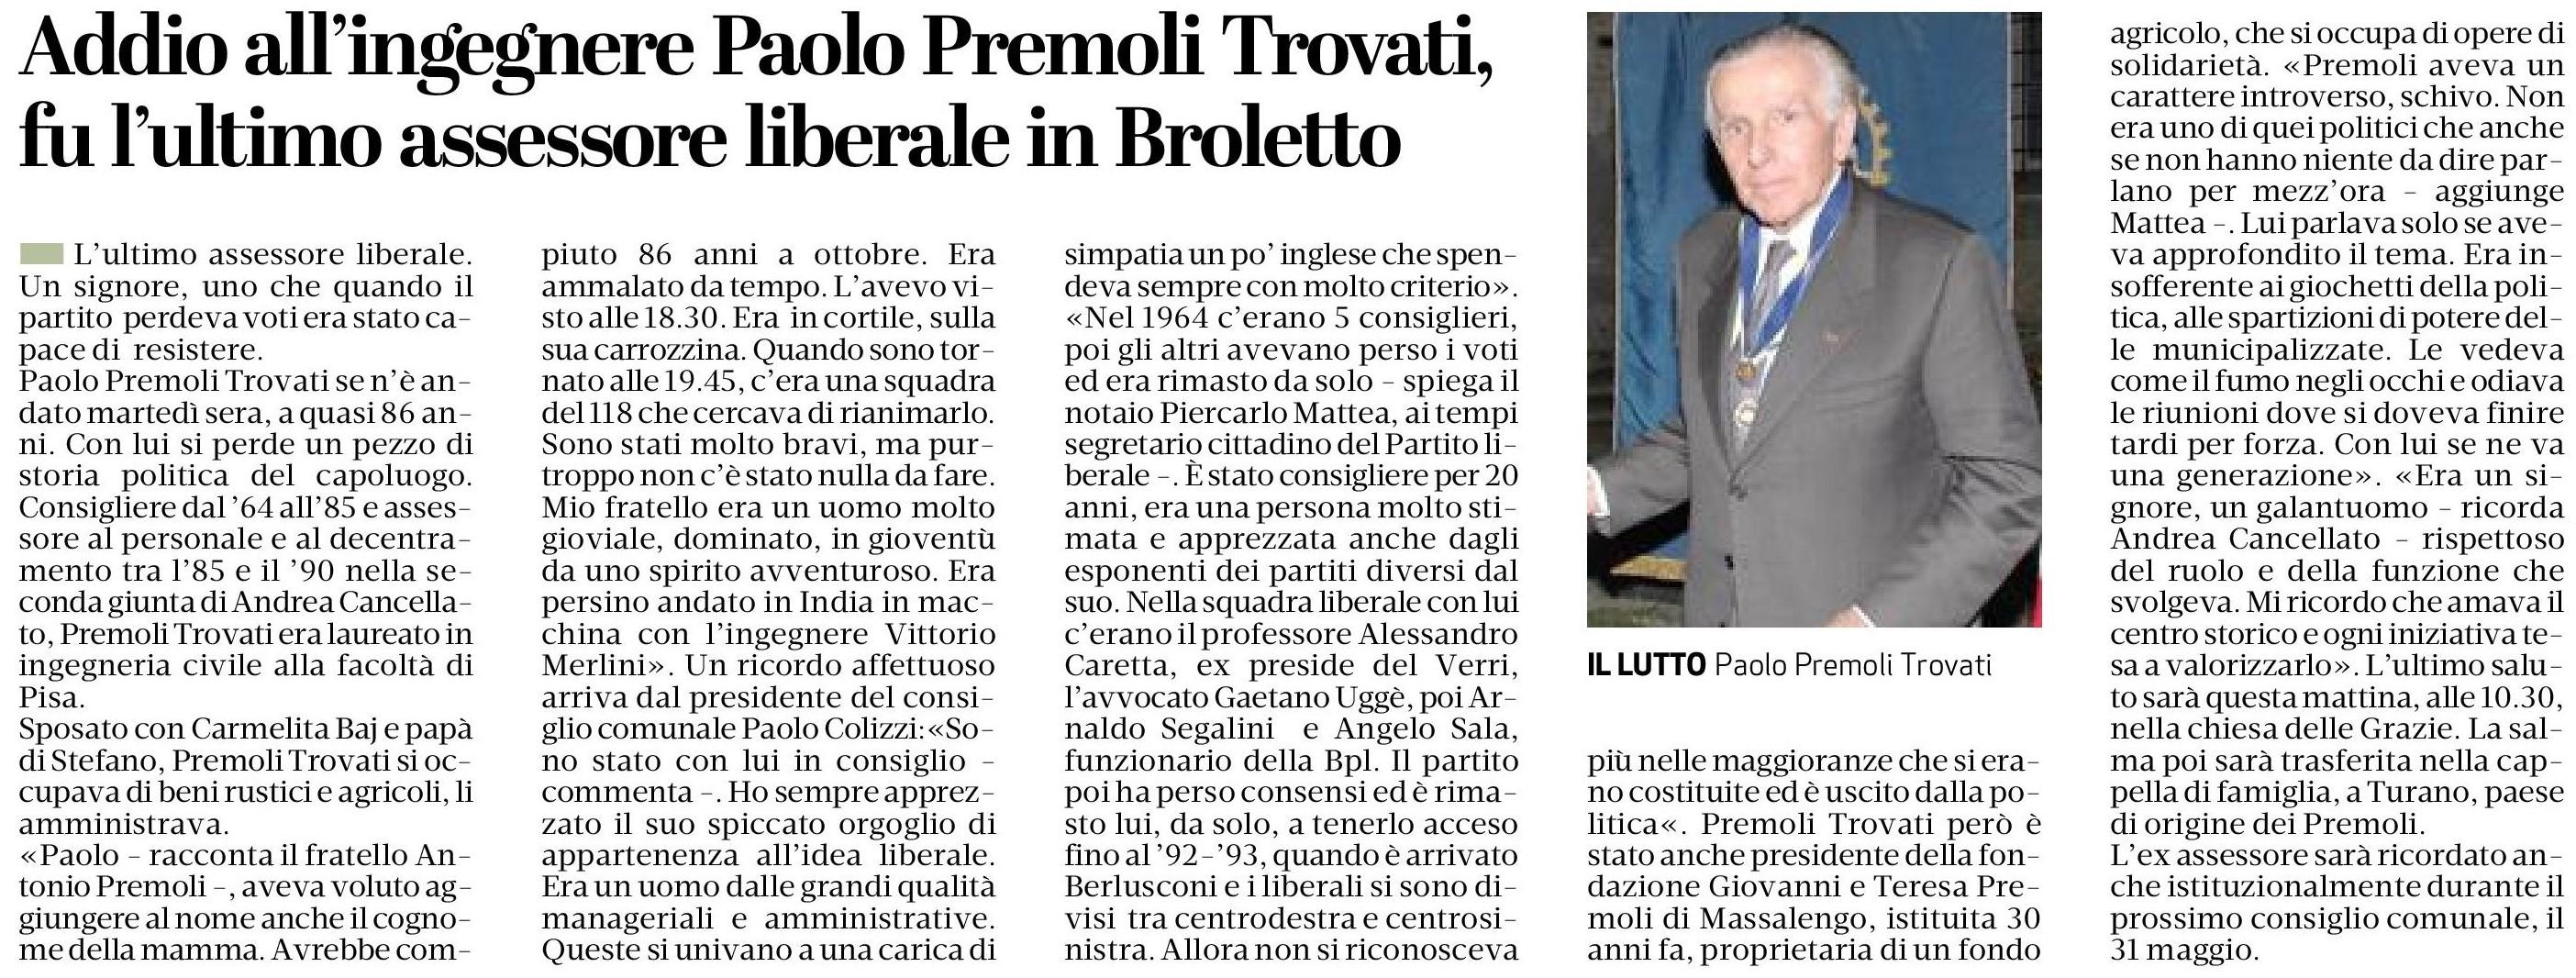 Associazione Lodi Liberale Paolo Premoli Trovati